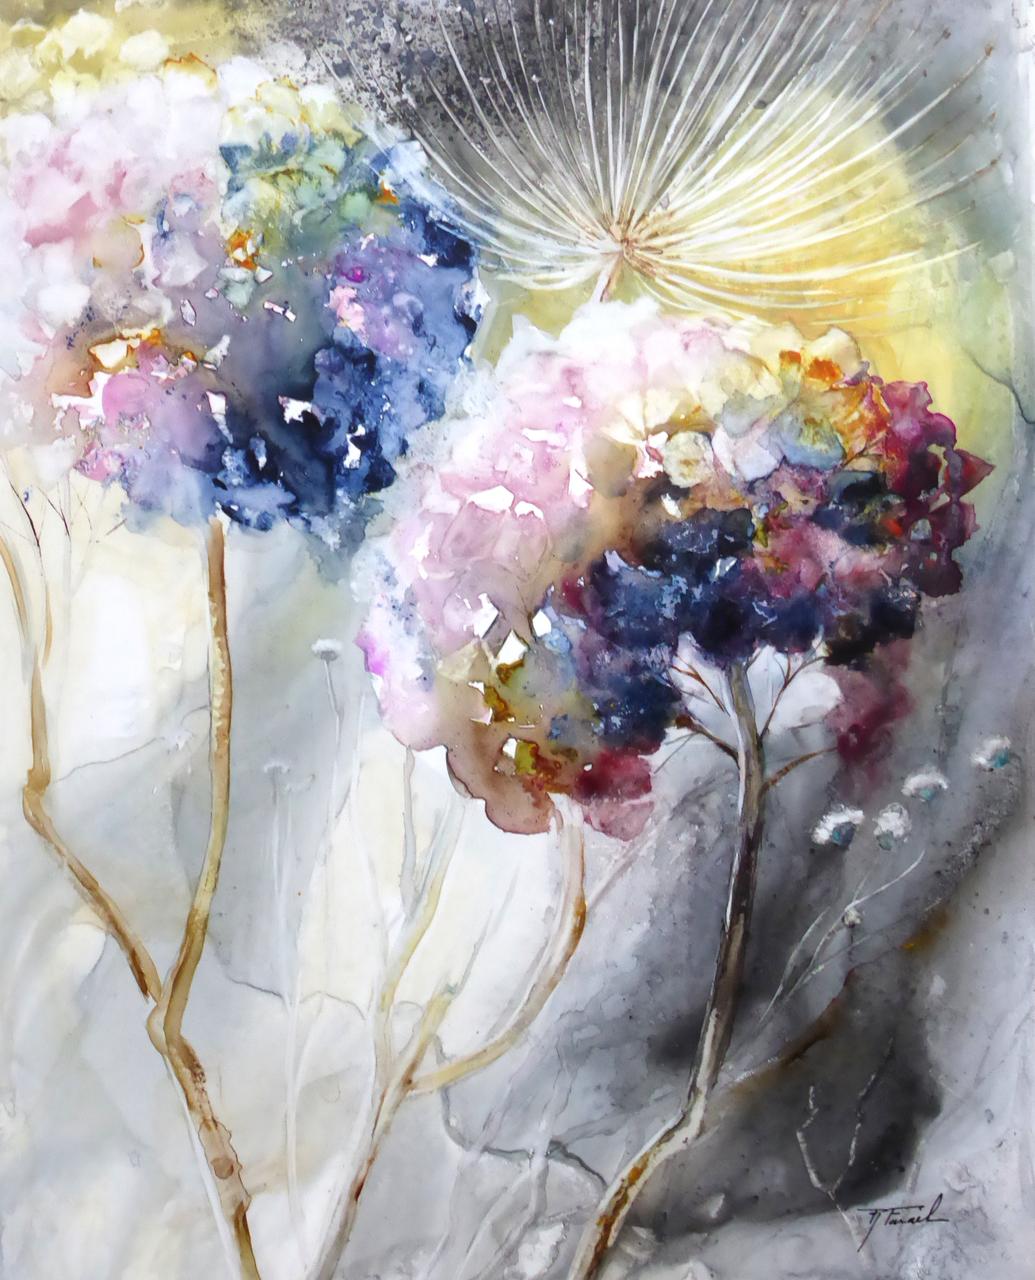 Galerie fleurs aquarelle pinterest plus d 39 id es galerie for Pinterest aquarell